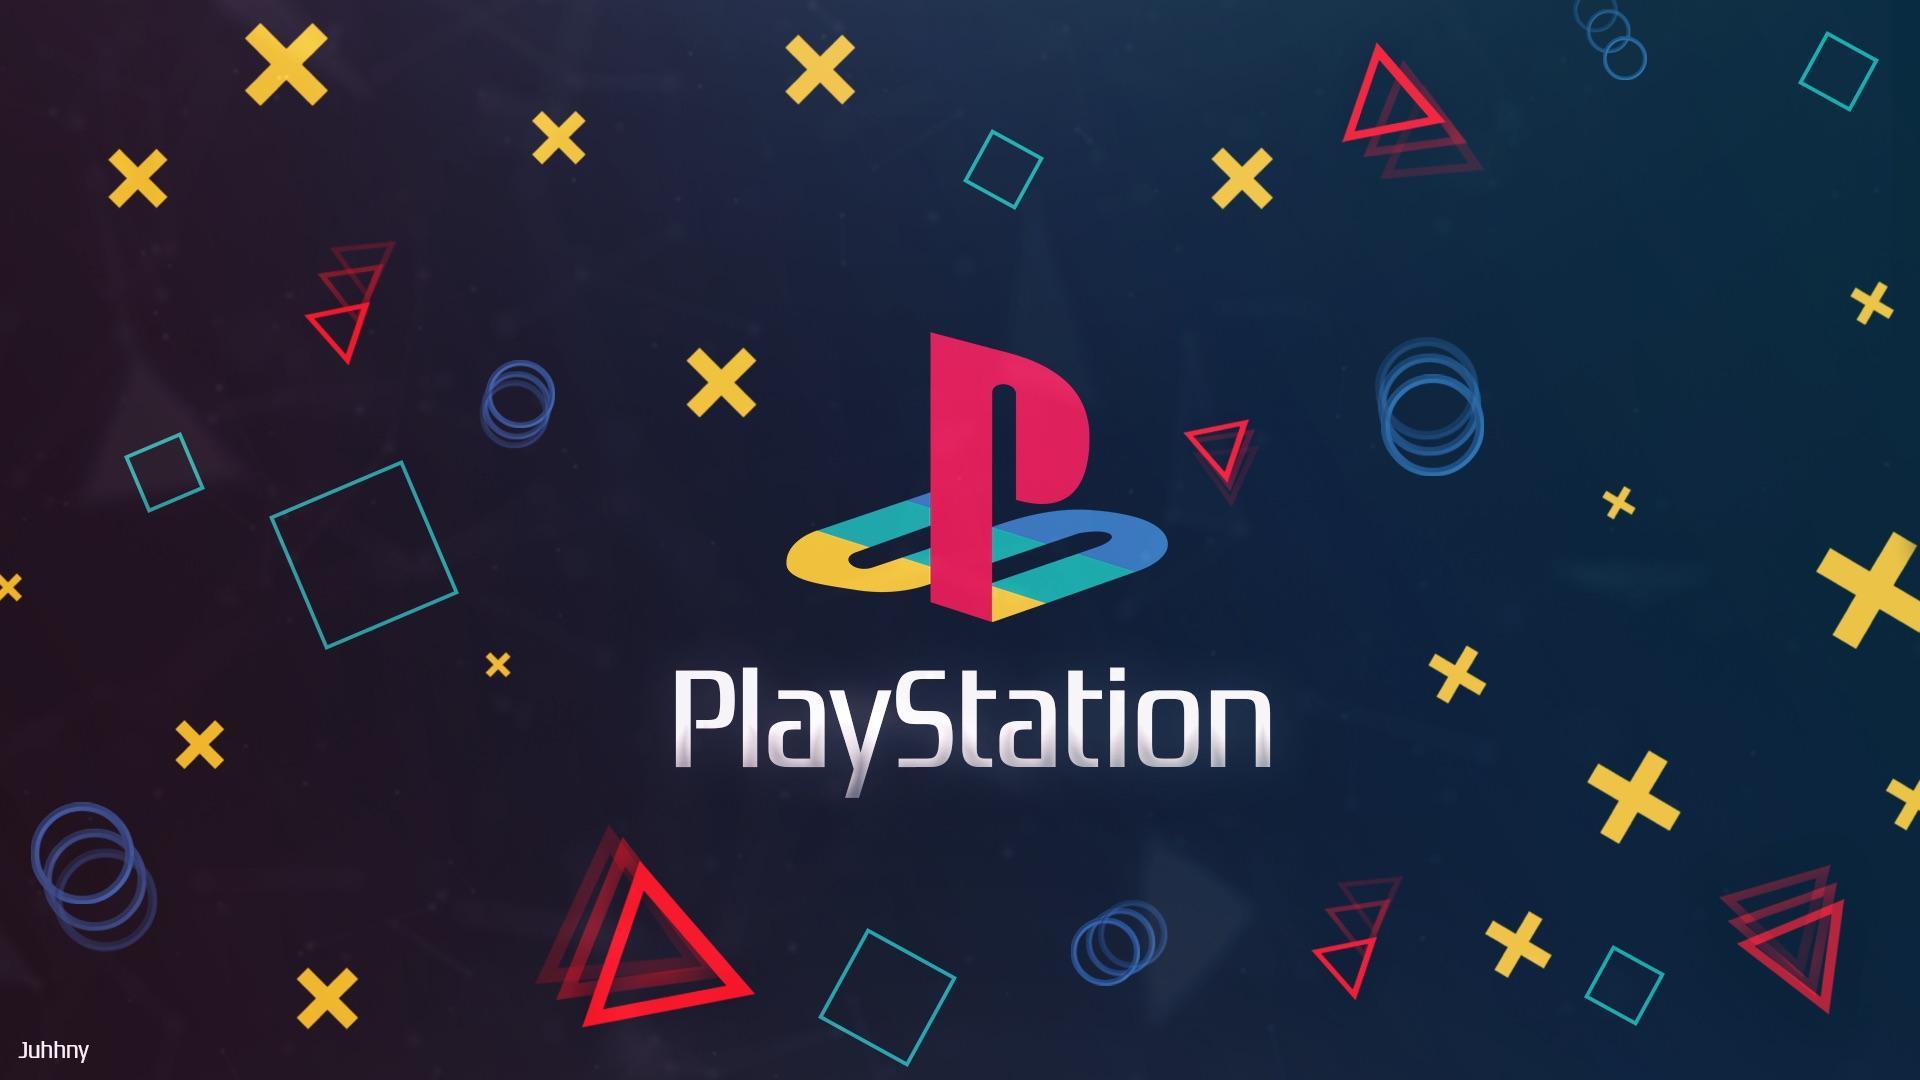 Rumores indicam que um grande remake de Playstation pode ser anunciado em dezembro